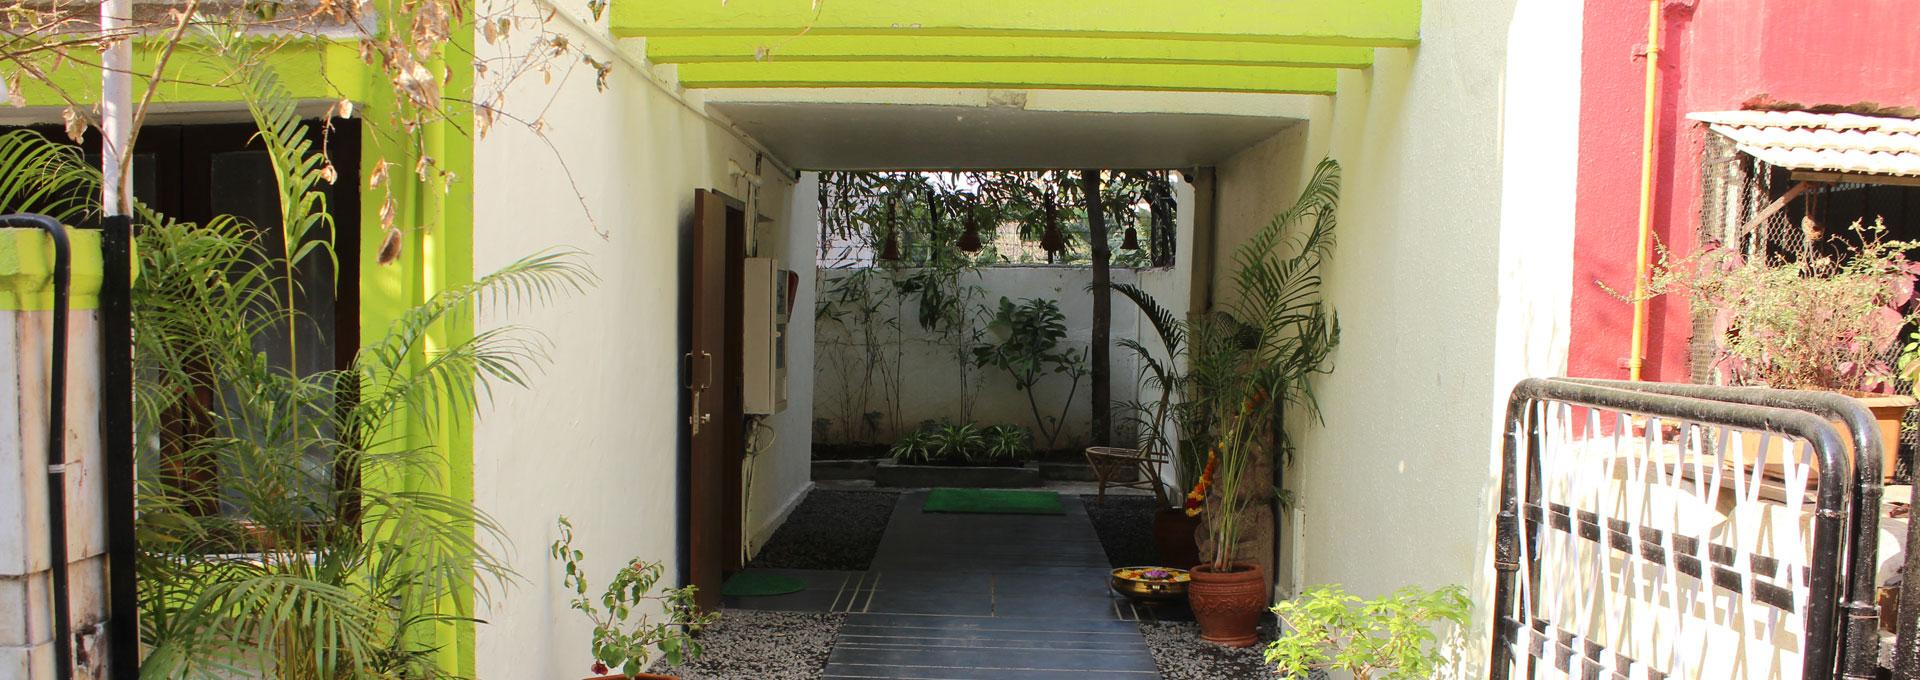 Kairali Ayurvedic Centre Mumbai, India